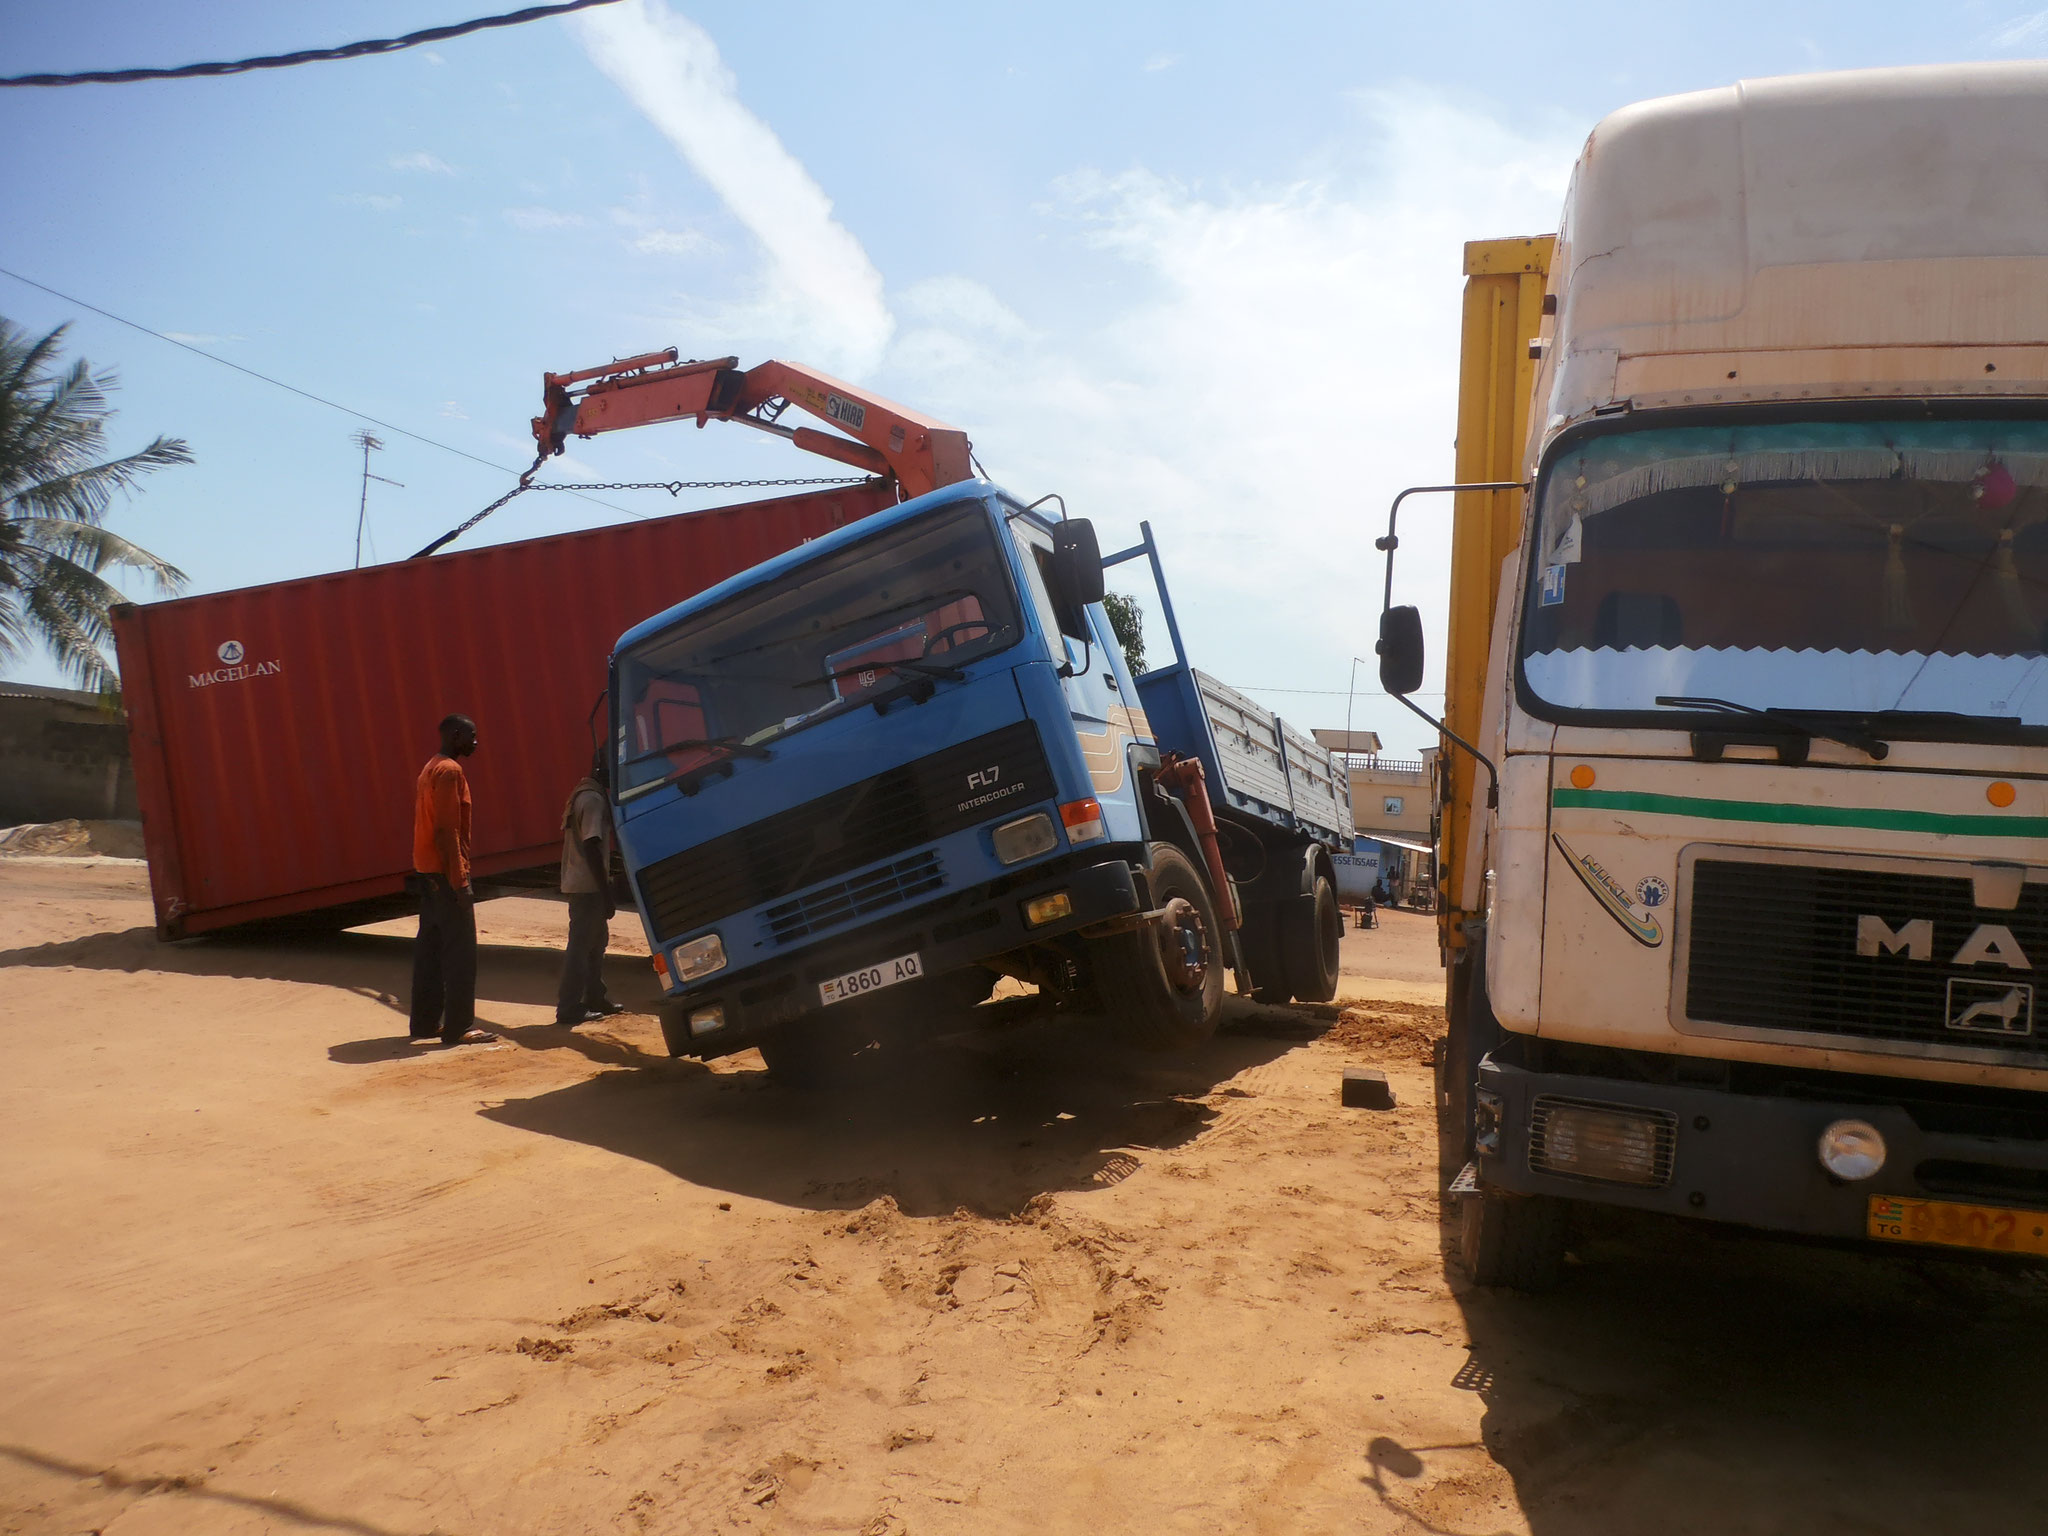 6. 02.10.2014 Das abladen des Containers endete beinahe in einem Desaster.